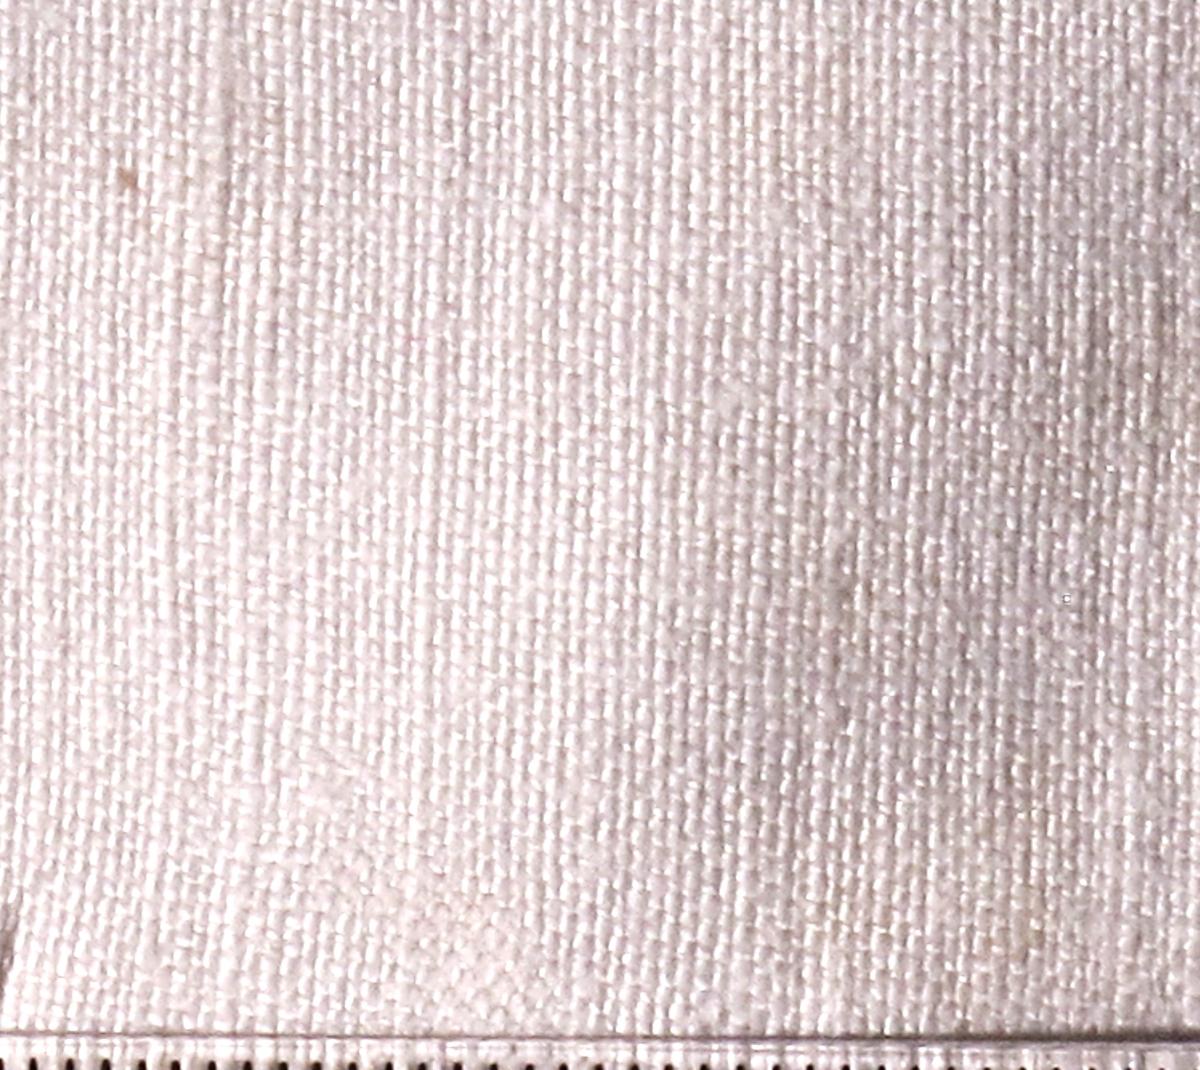 Rektangulært stykke, jare langs langsidene, faldet kant nederst, dobbelt list øverst mot pynteblonde.